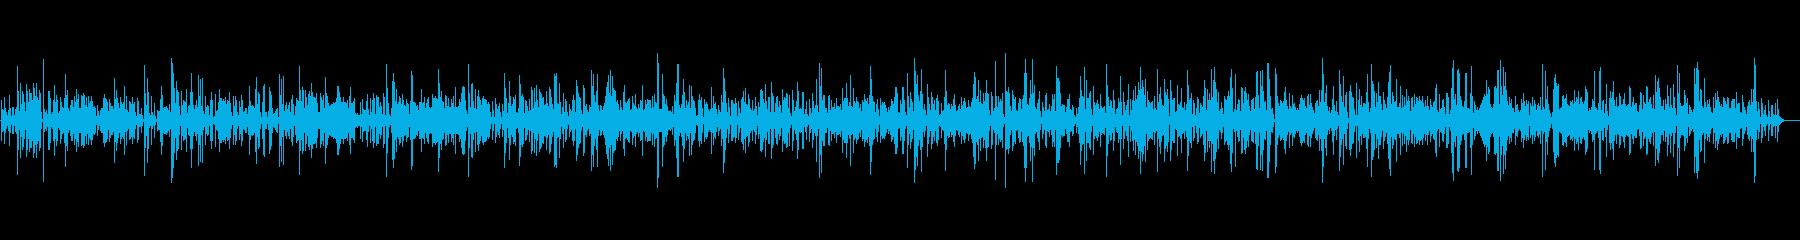 ゆったり癒されるお洒落なピアノBGMの再生済みの波形